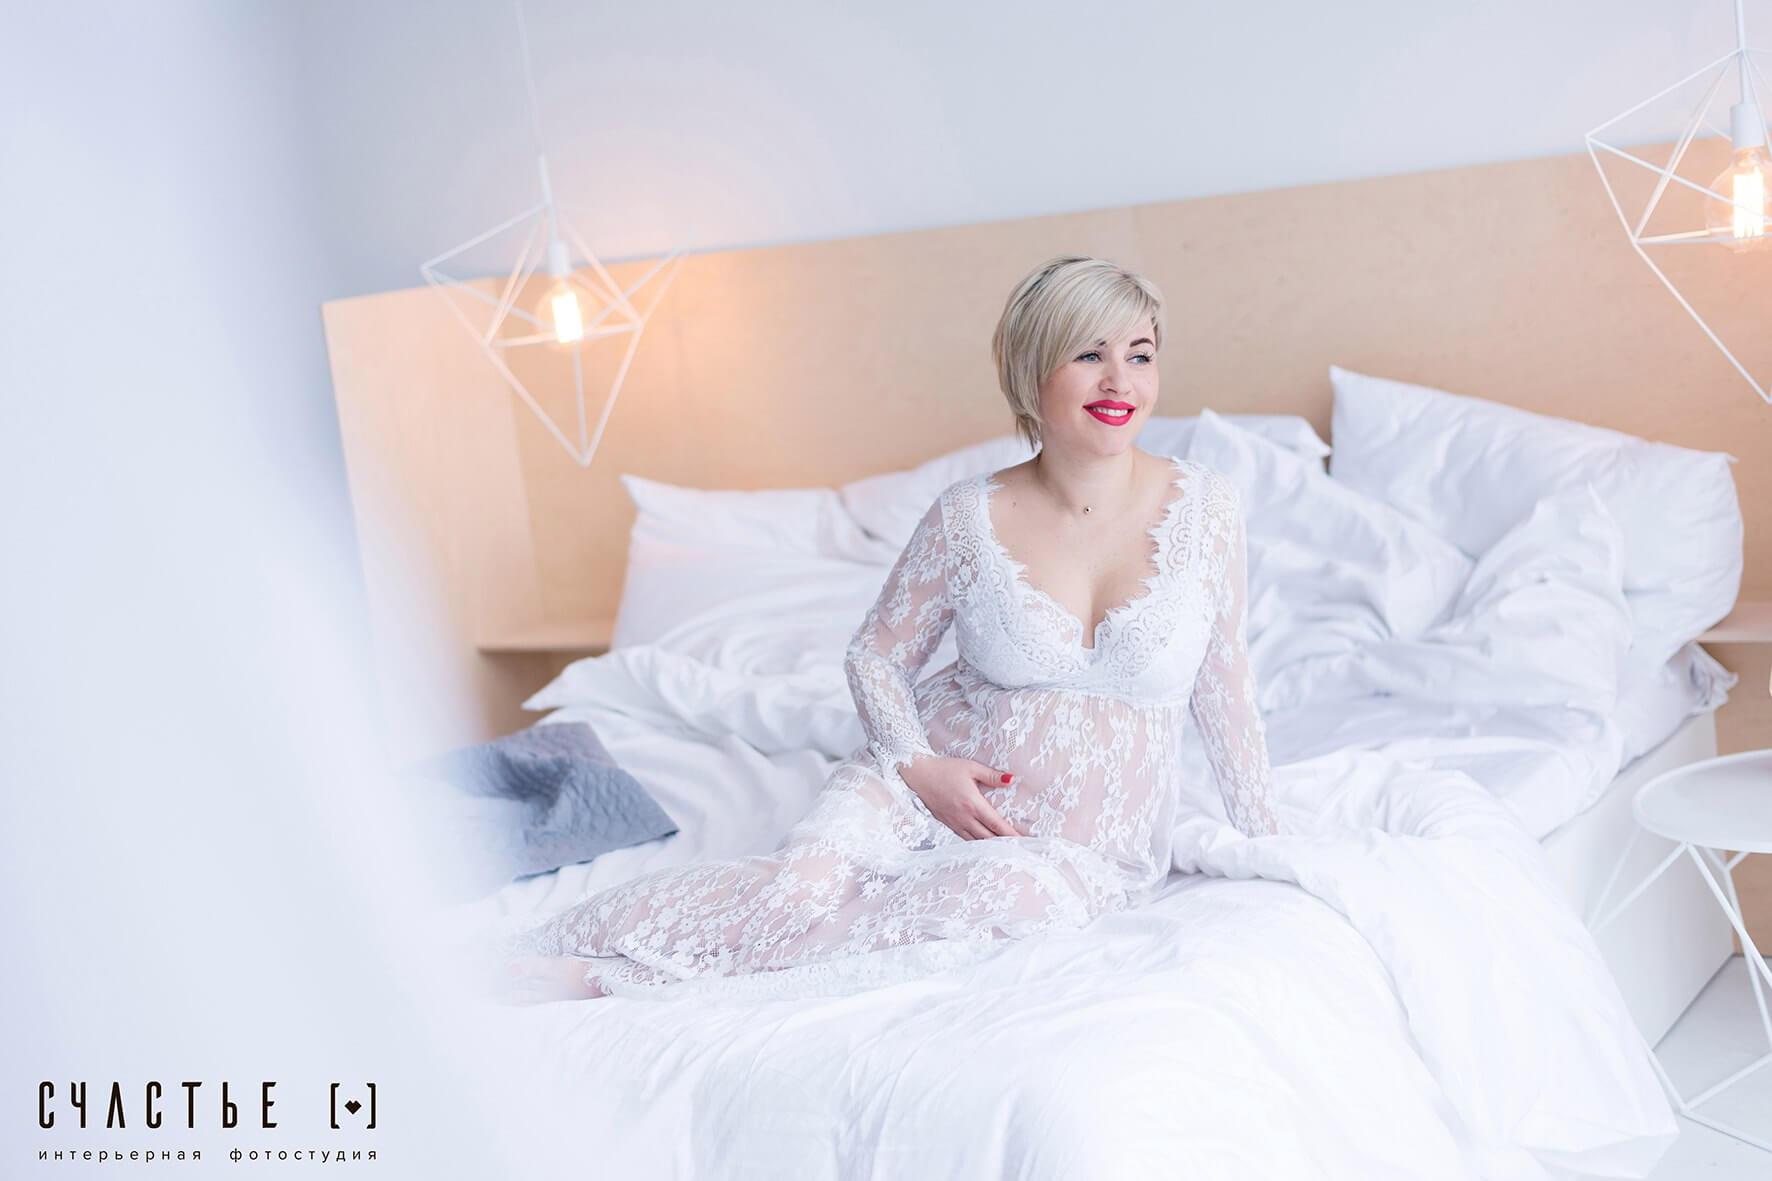 fotostudija-schaste-kiev-biznes-portret-fotograf-dlja-zhenskaja-muzhskaja-detskaja-fotosessija-modelnaja-love-story-beremennost-2